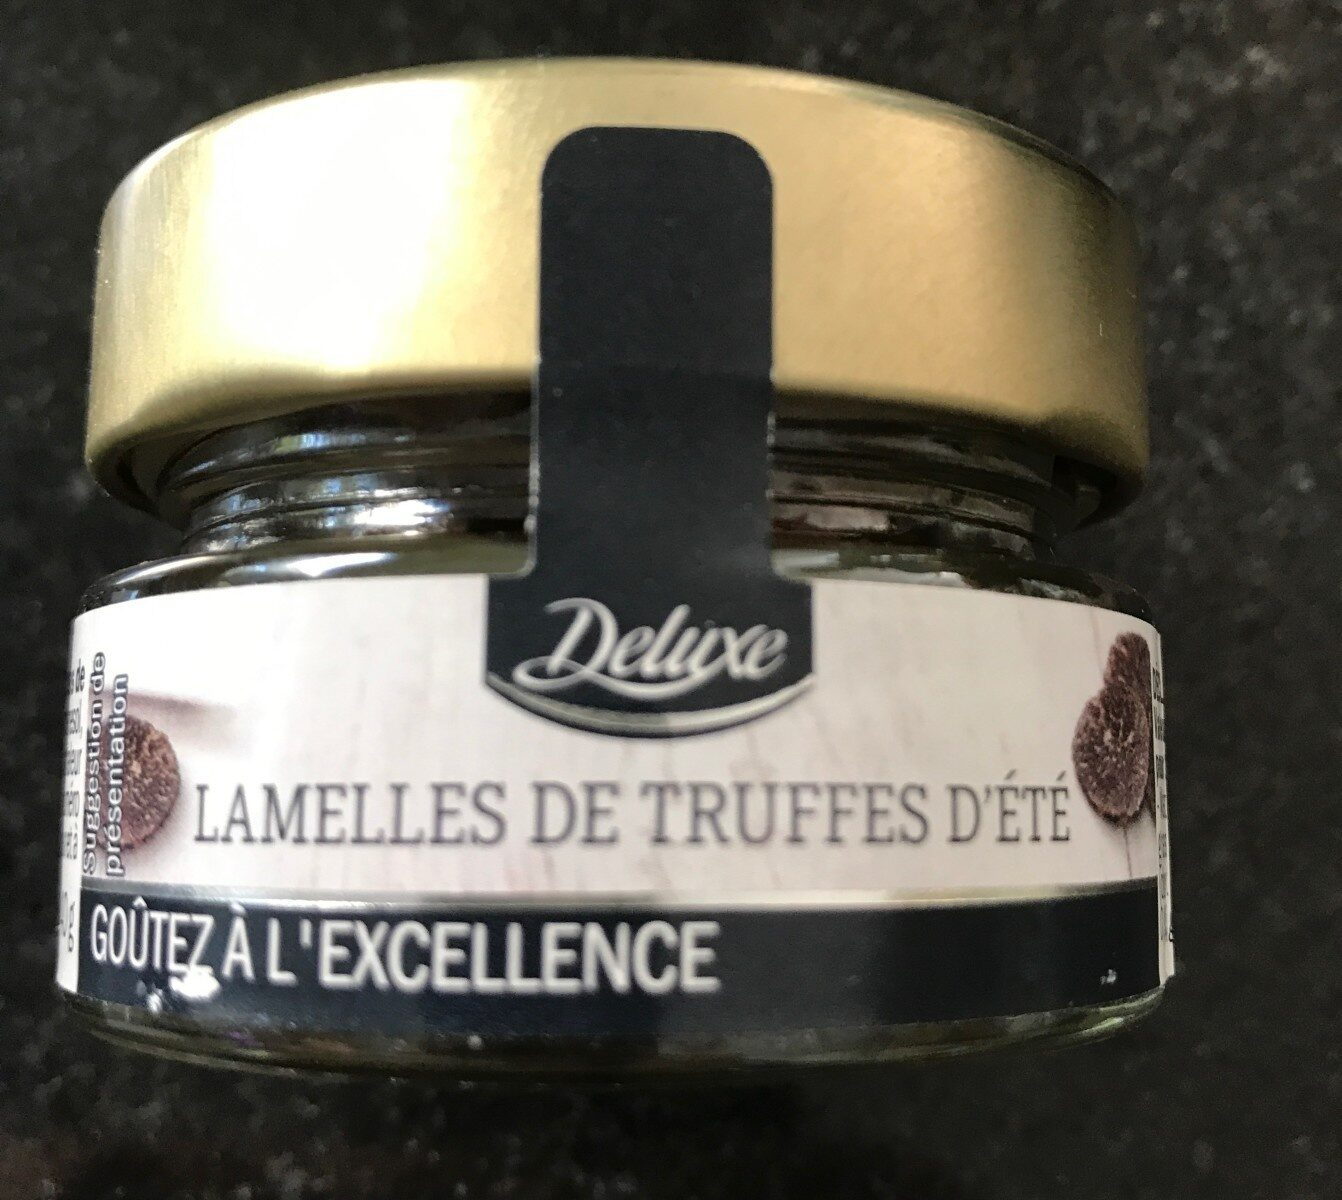 Lamellles de Truffes d'Eté - Produit - fr